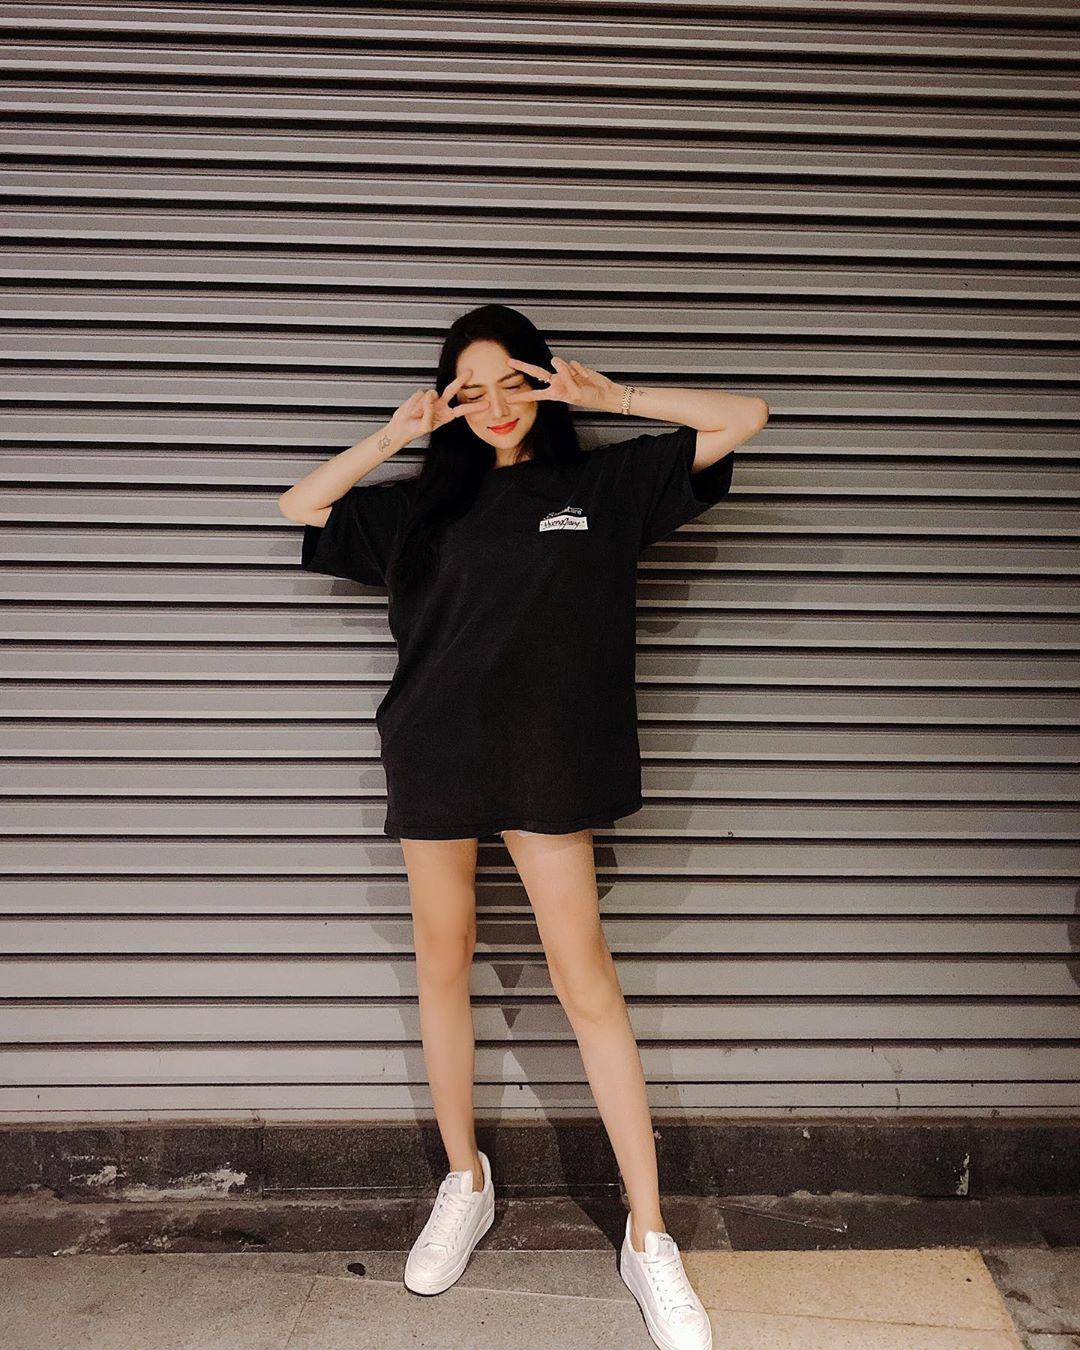 Nhìn Hương Giang, chị em biết đôi sneakers trắng vi điệu đến thế nào - Ảnh 2.